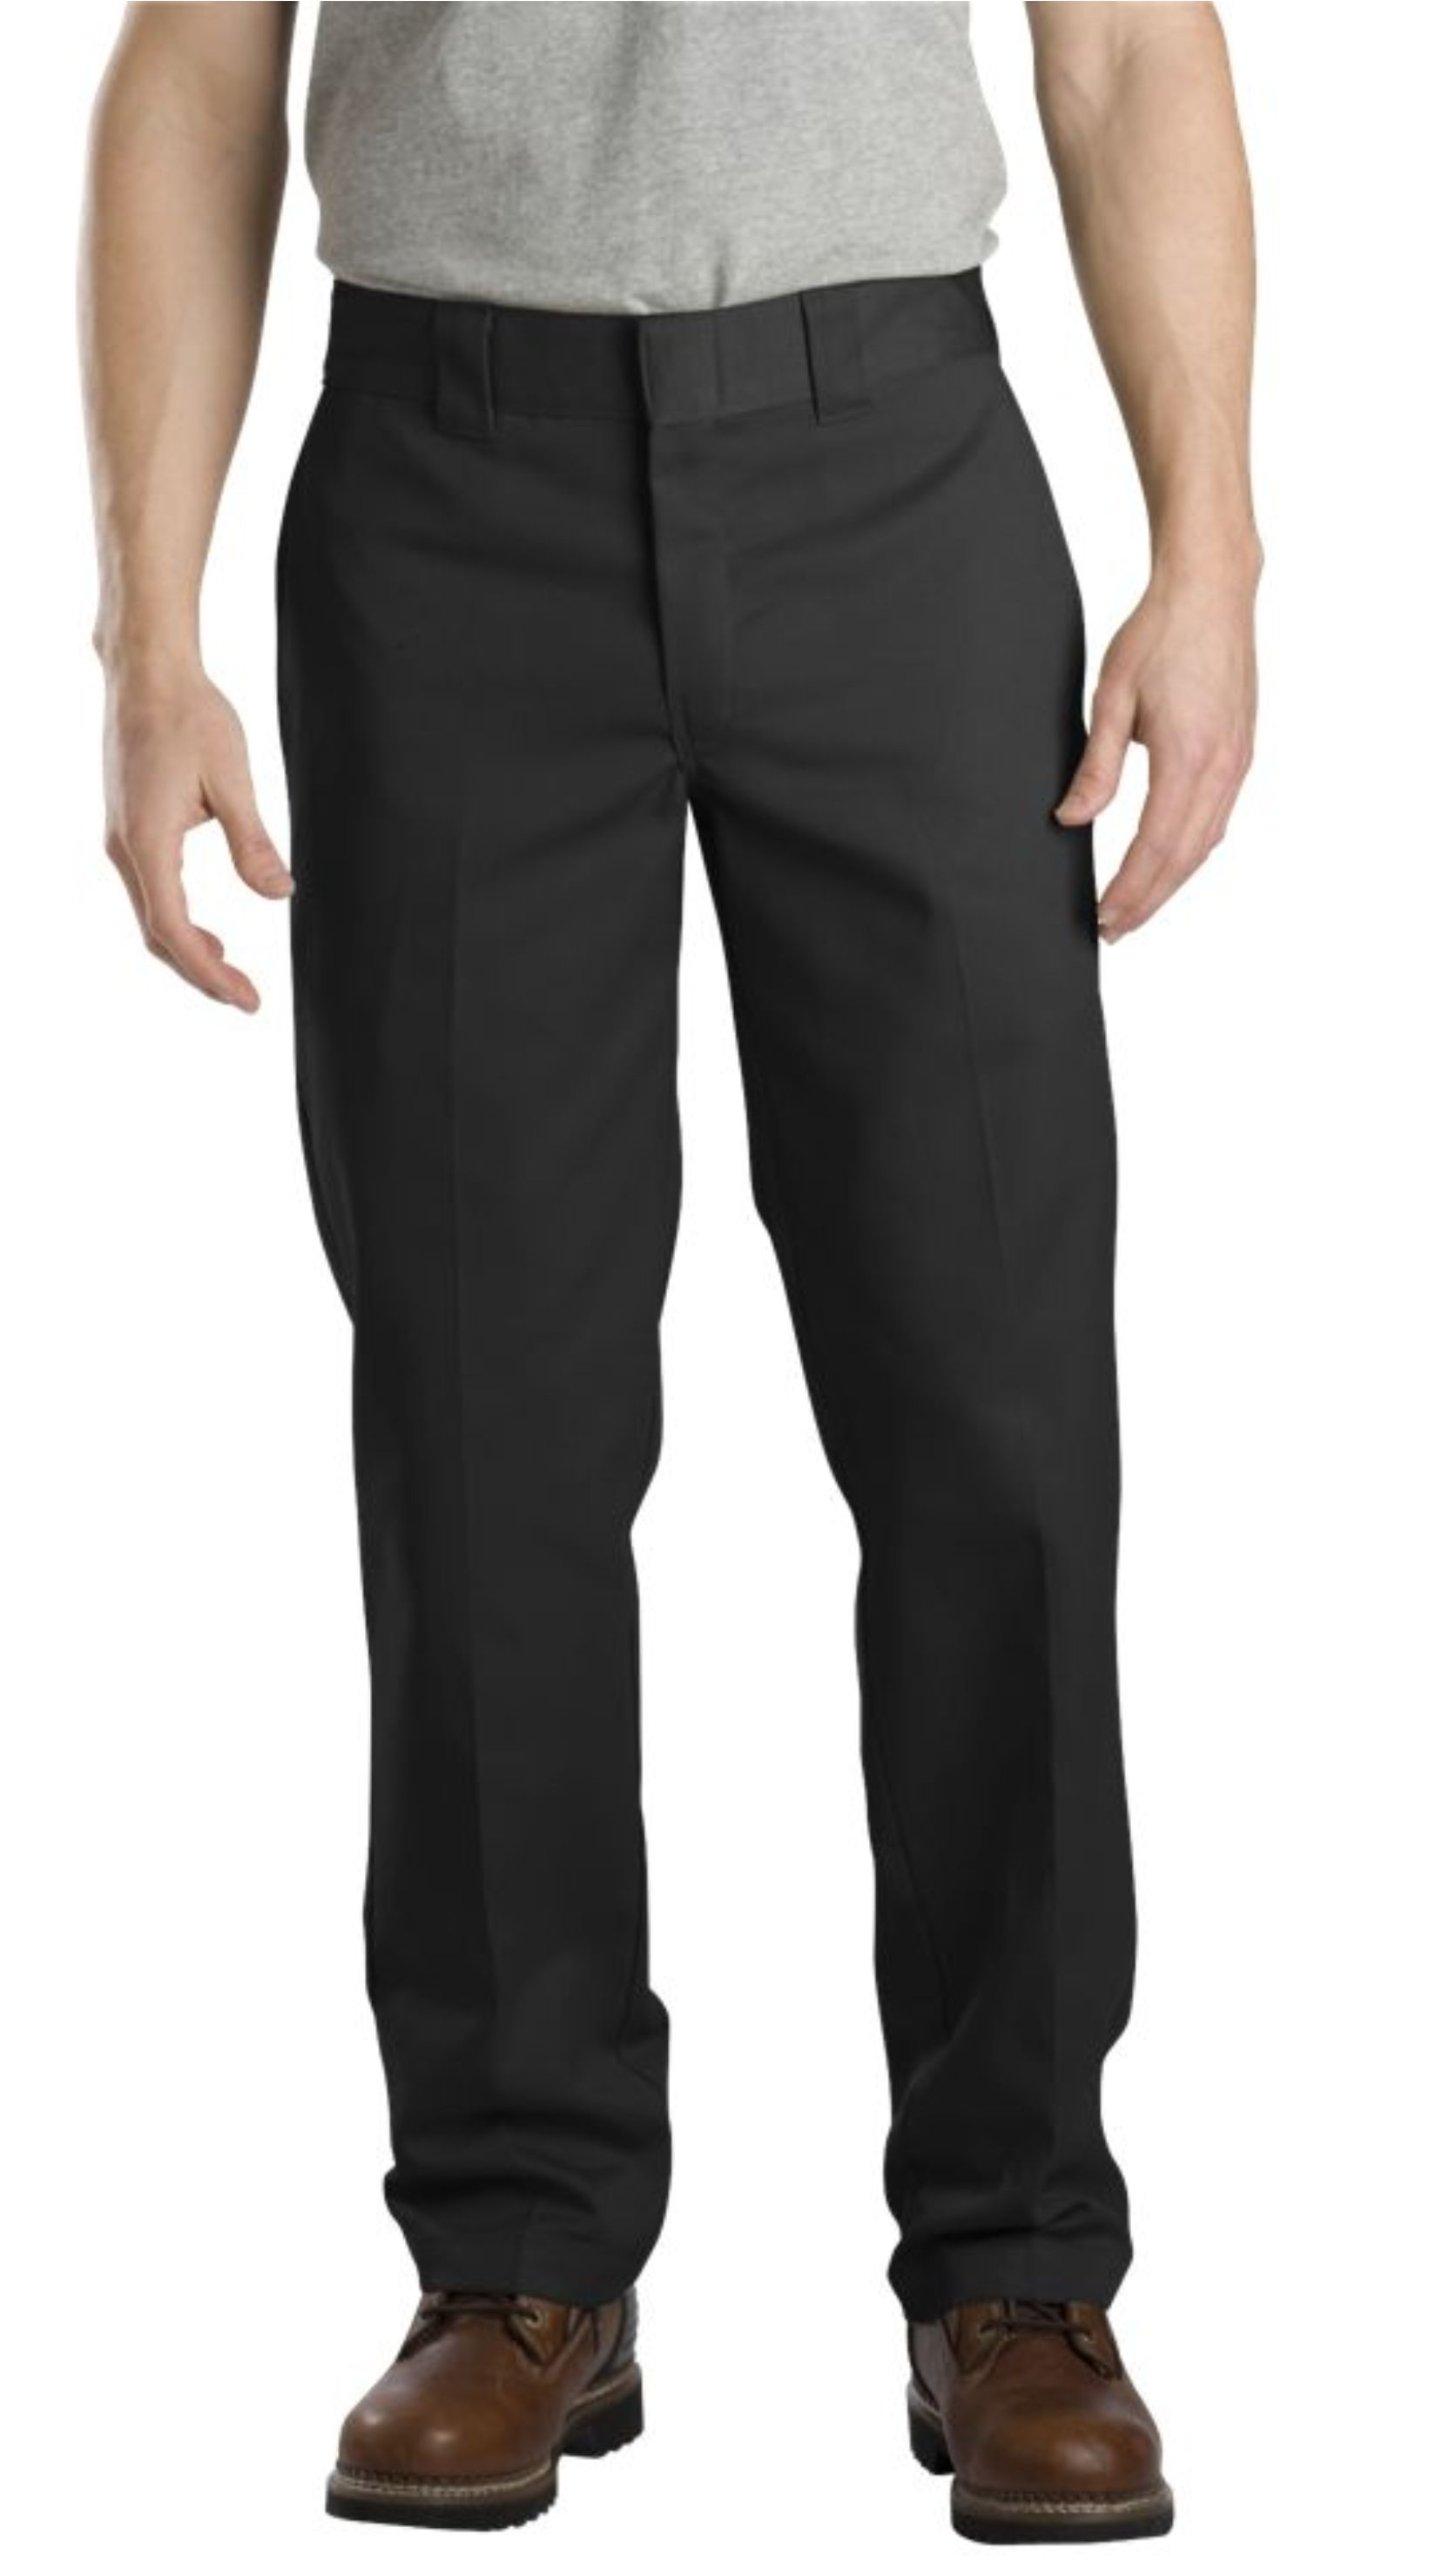 Dickies Men's Slim Straight Fit Work Pant, Black, 32X30